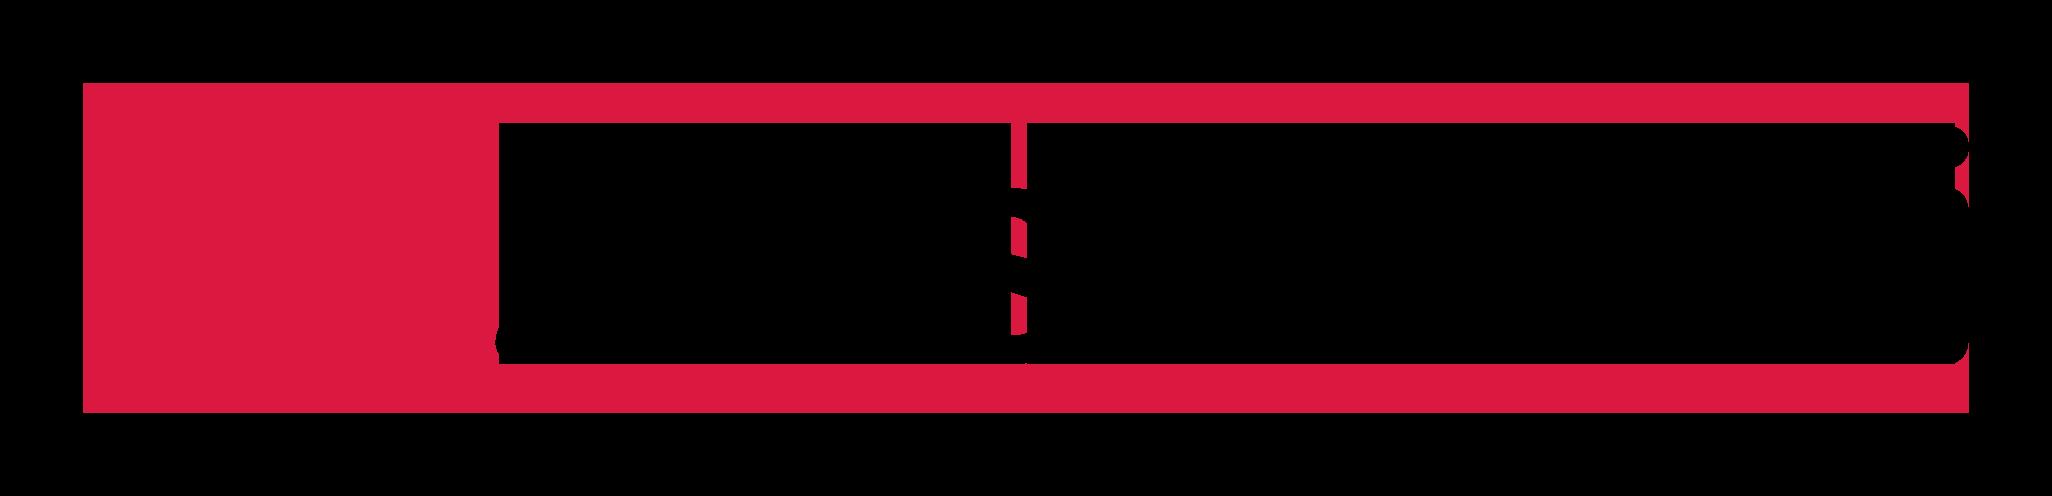 Adsmurai